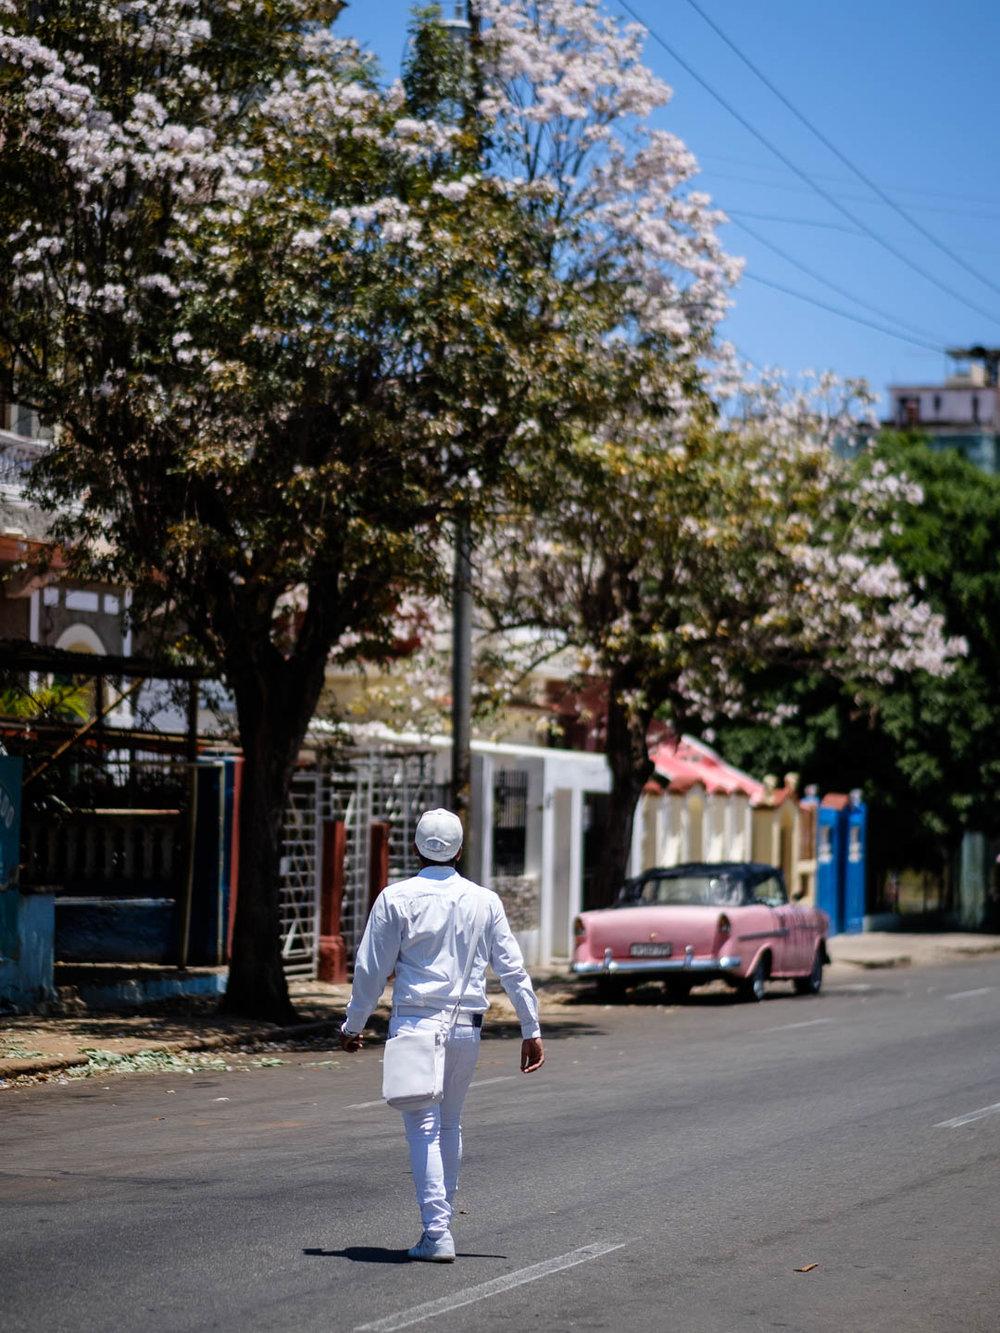 180501-Havana-197-1080.jpg